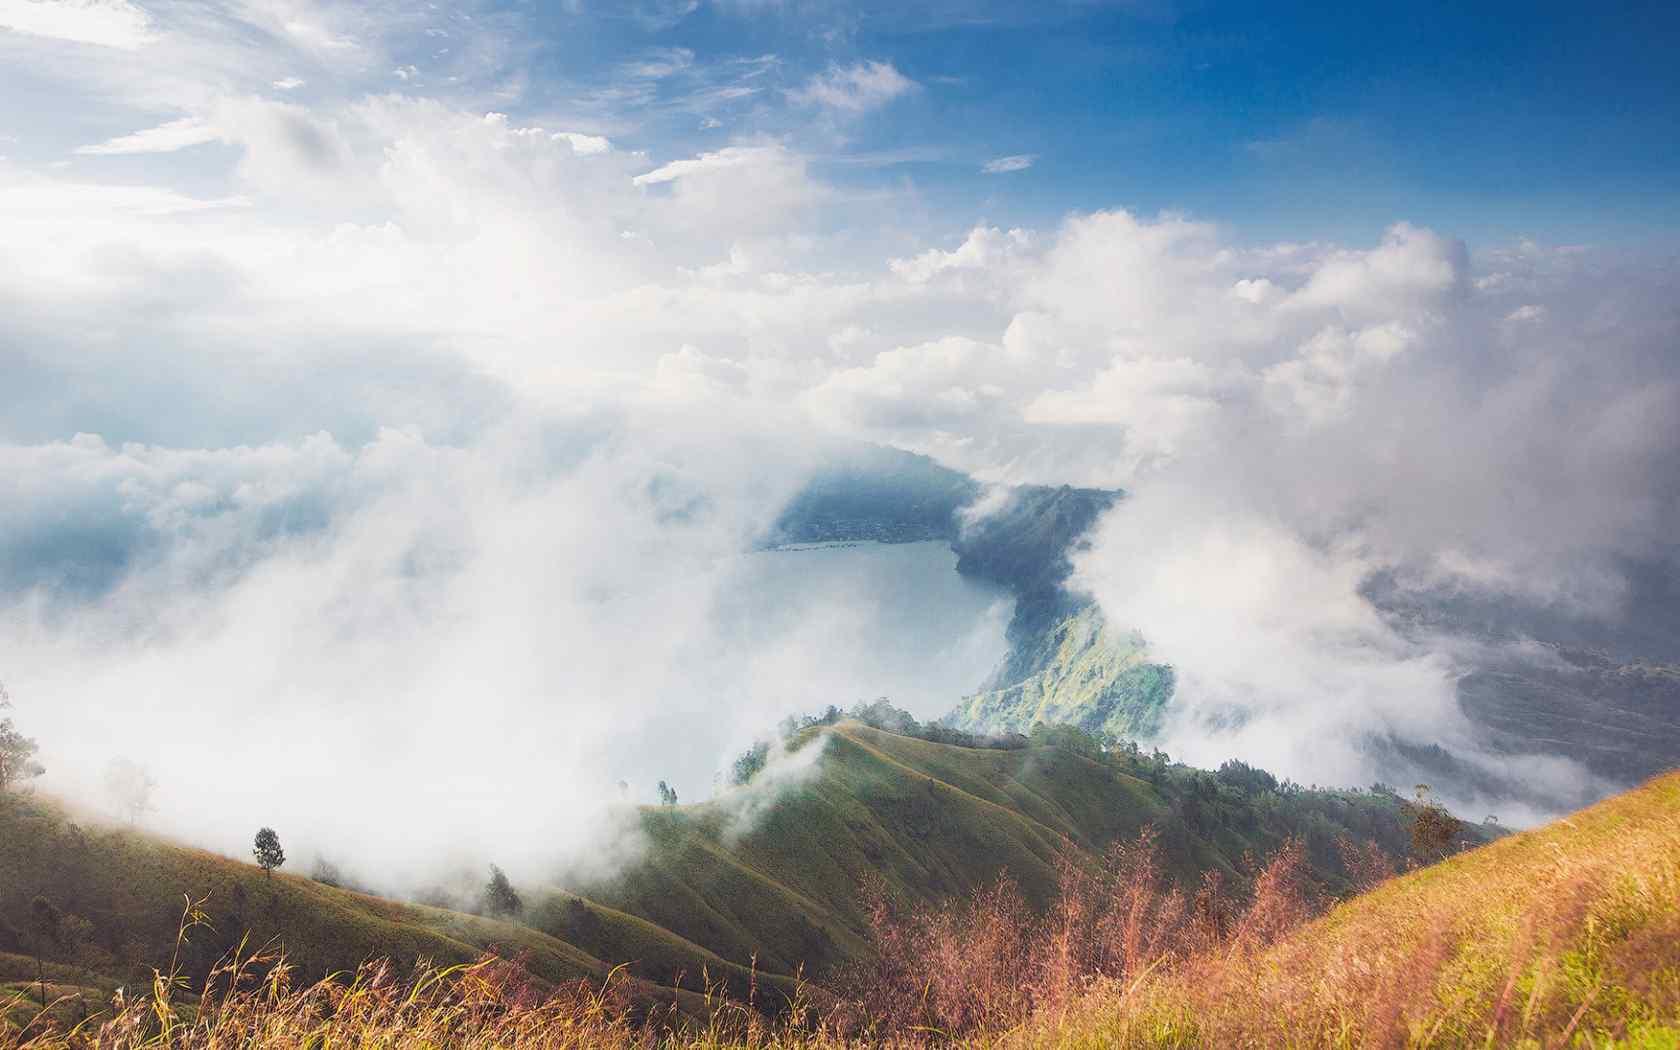 唯美山峰风景图片桌面壁纸图片